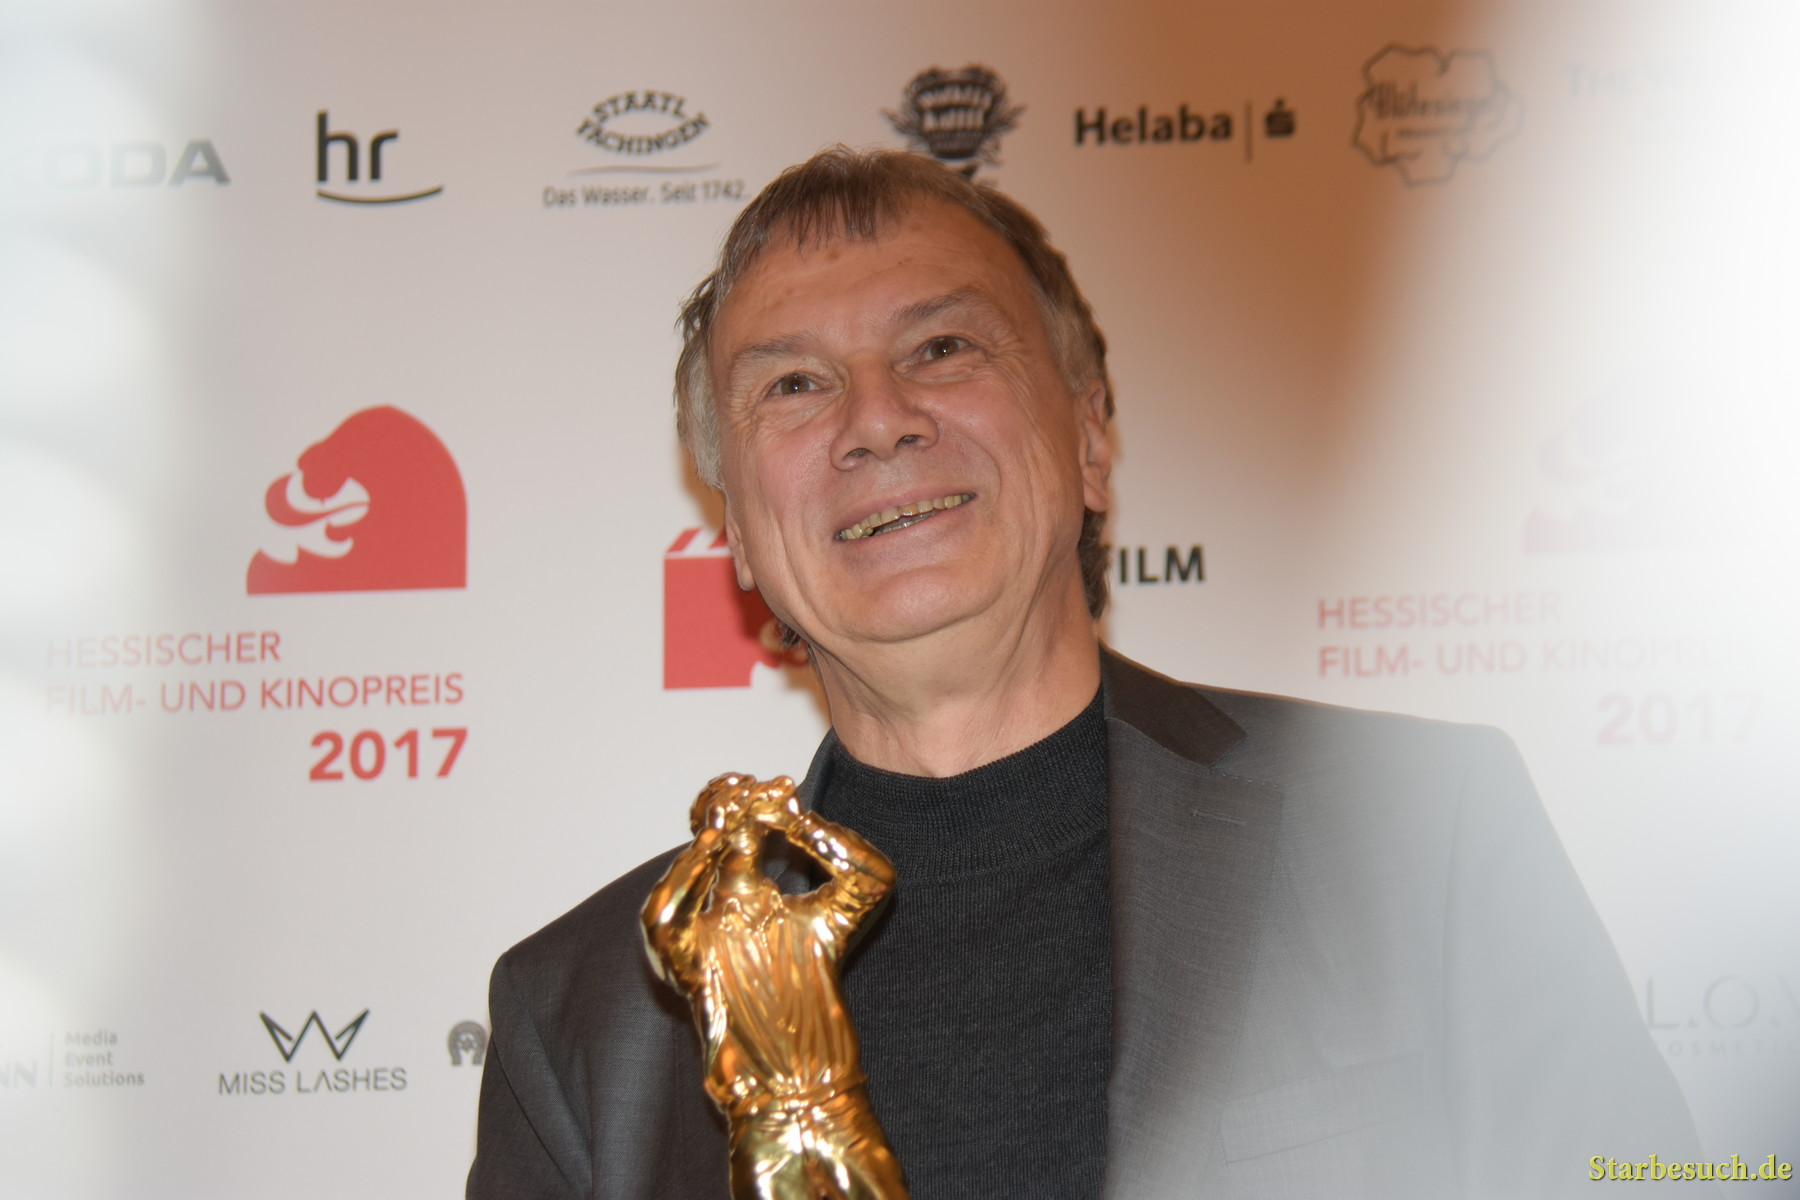 Thomas Frickels, Hessischer Film- und Kinopreis 2017, Alte Oper Frankfurt/Main, Germany